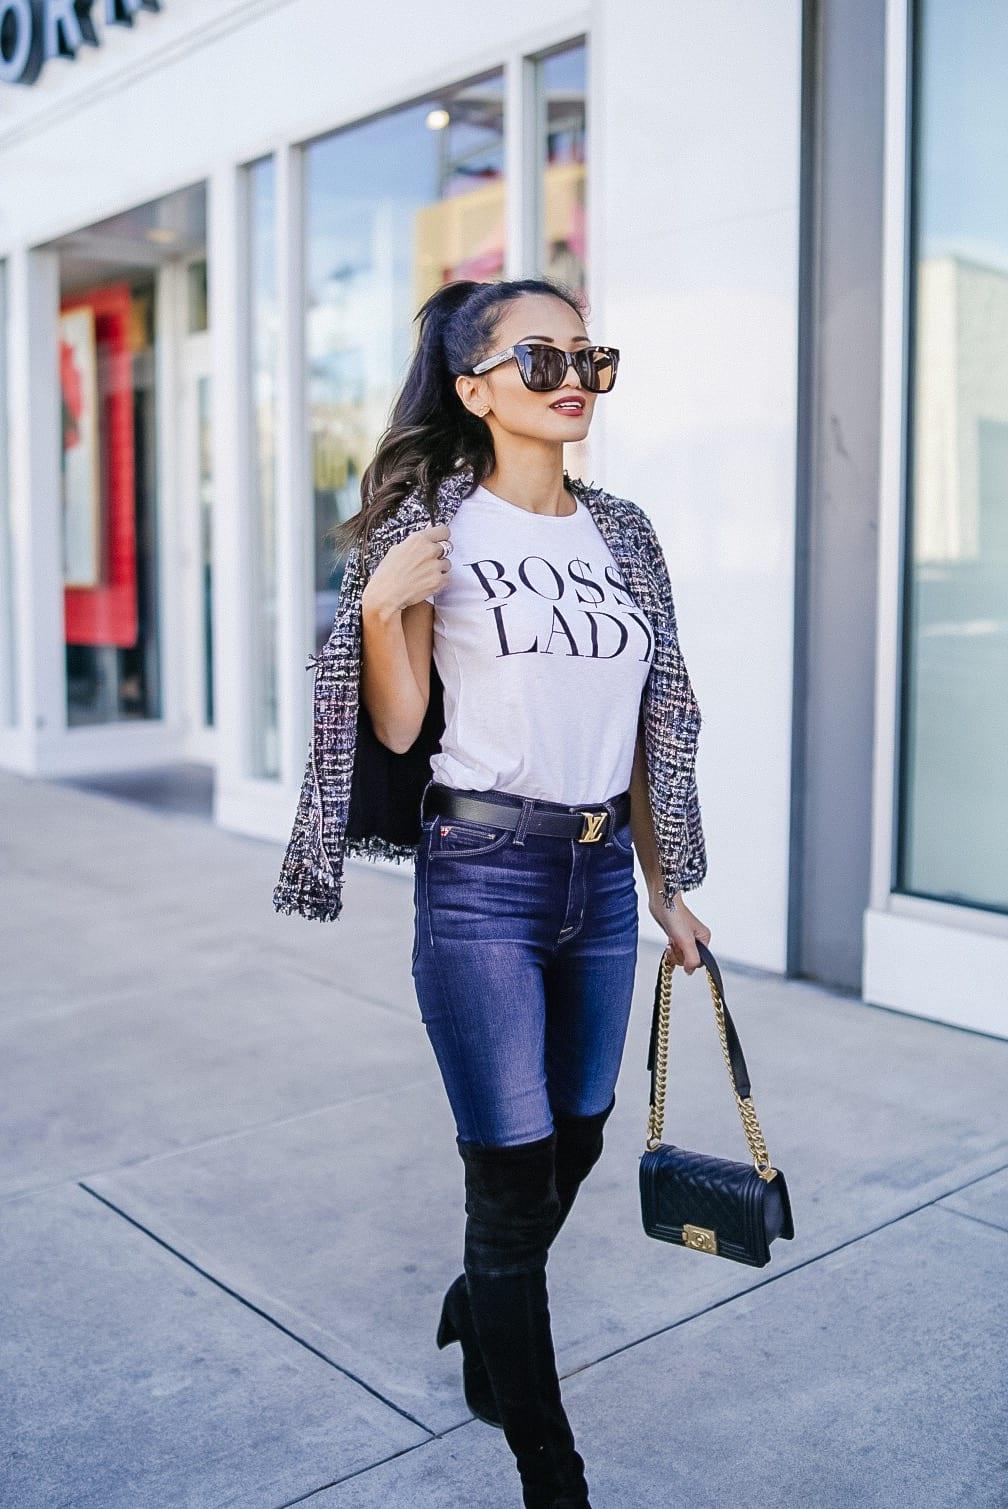 boss lady, Louis Vuitton belt, Black chanel boy bag